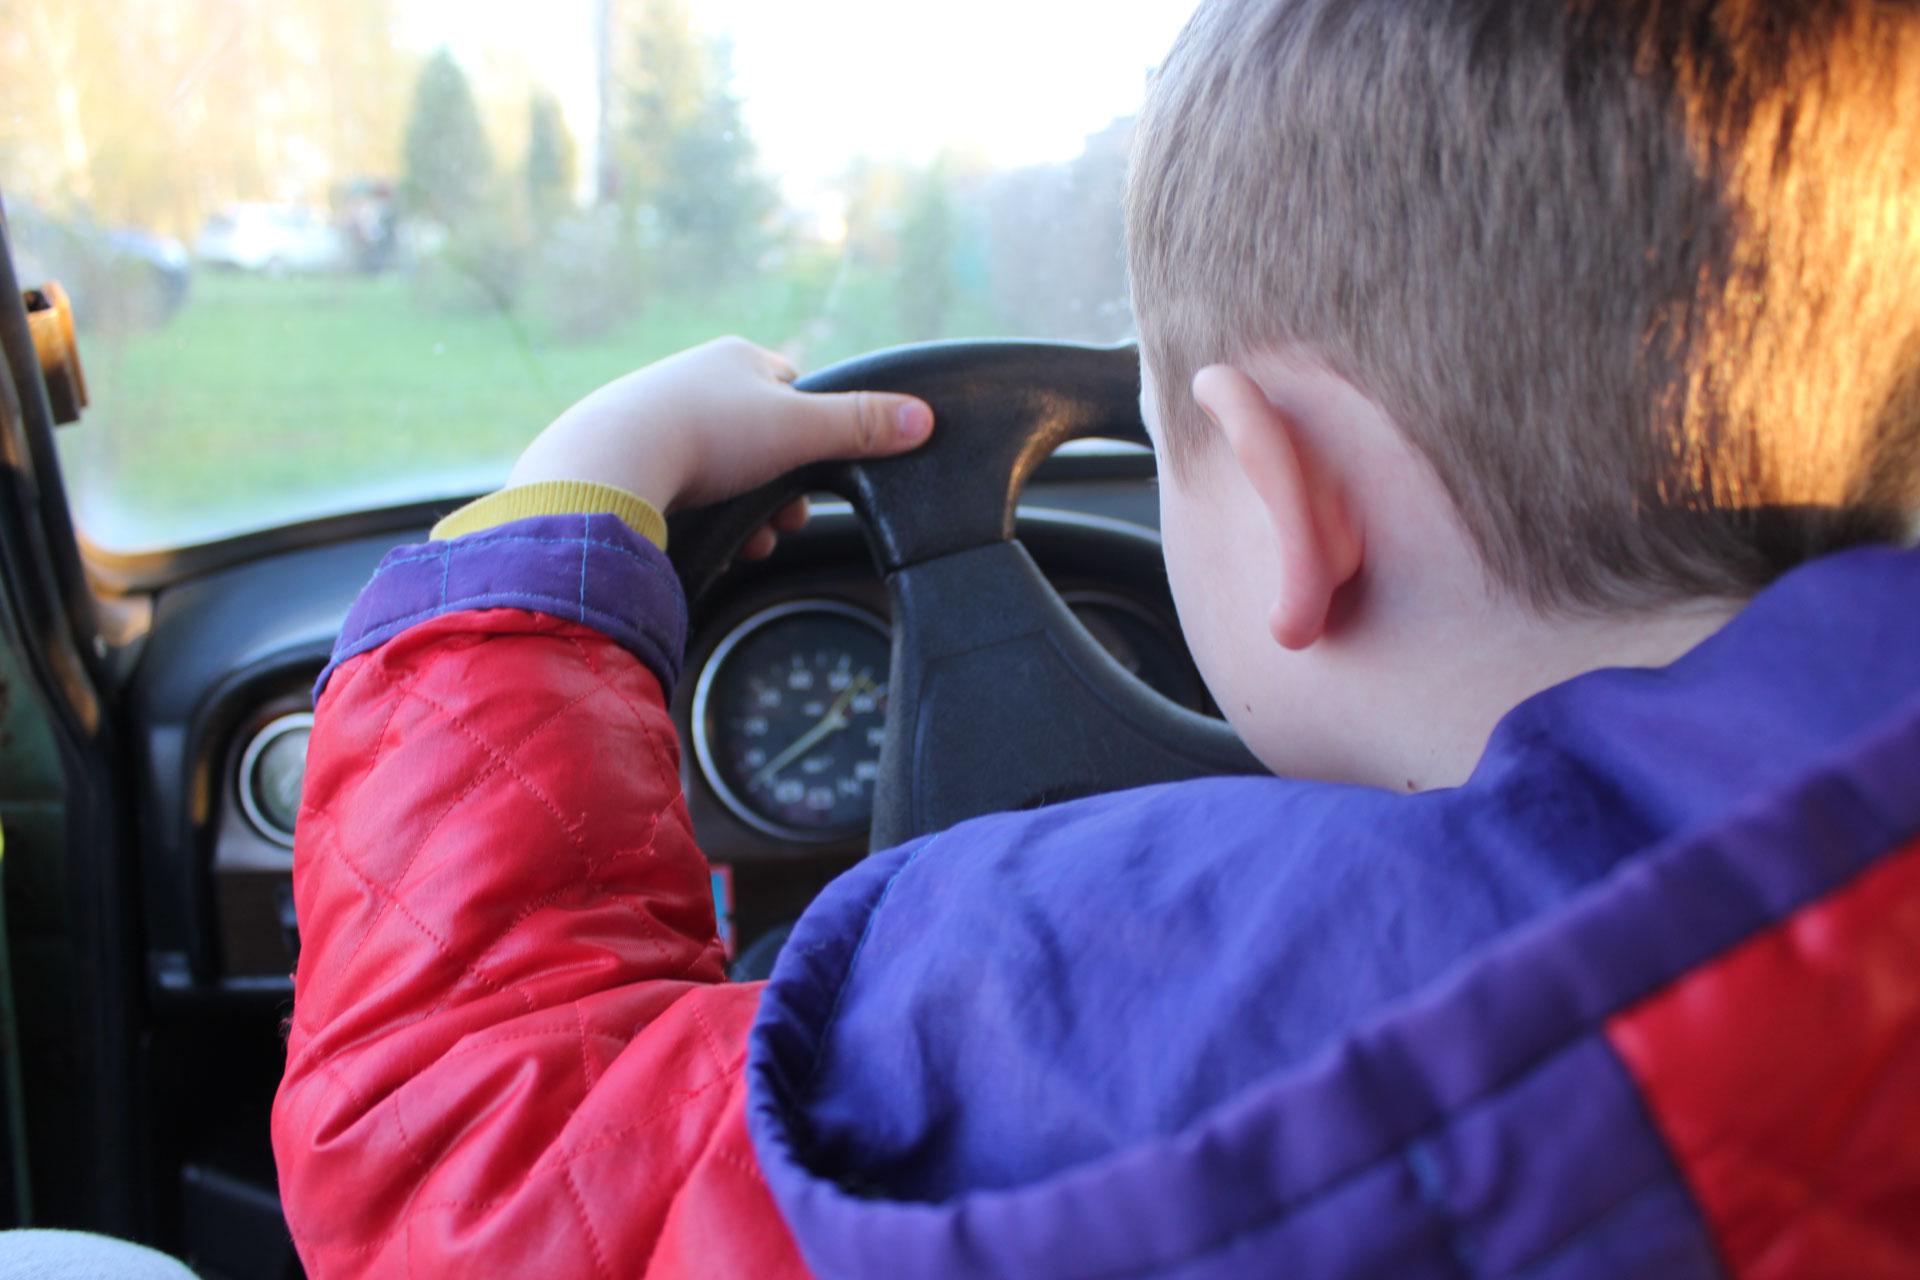 В Тверской области двое подростков угнали машины и предстали перед судом